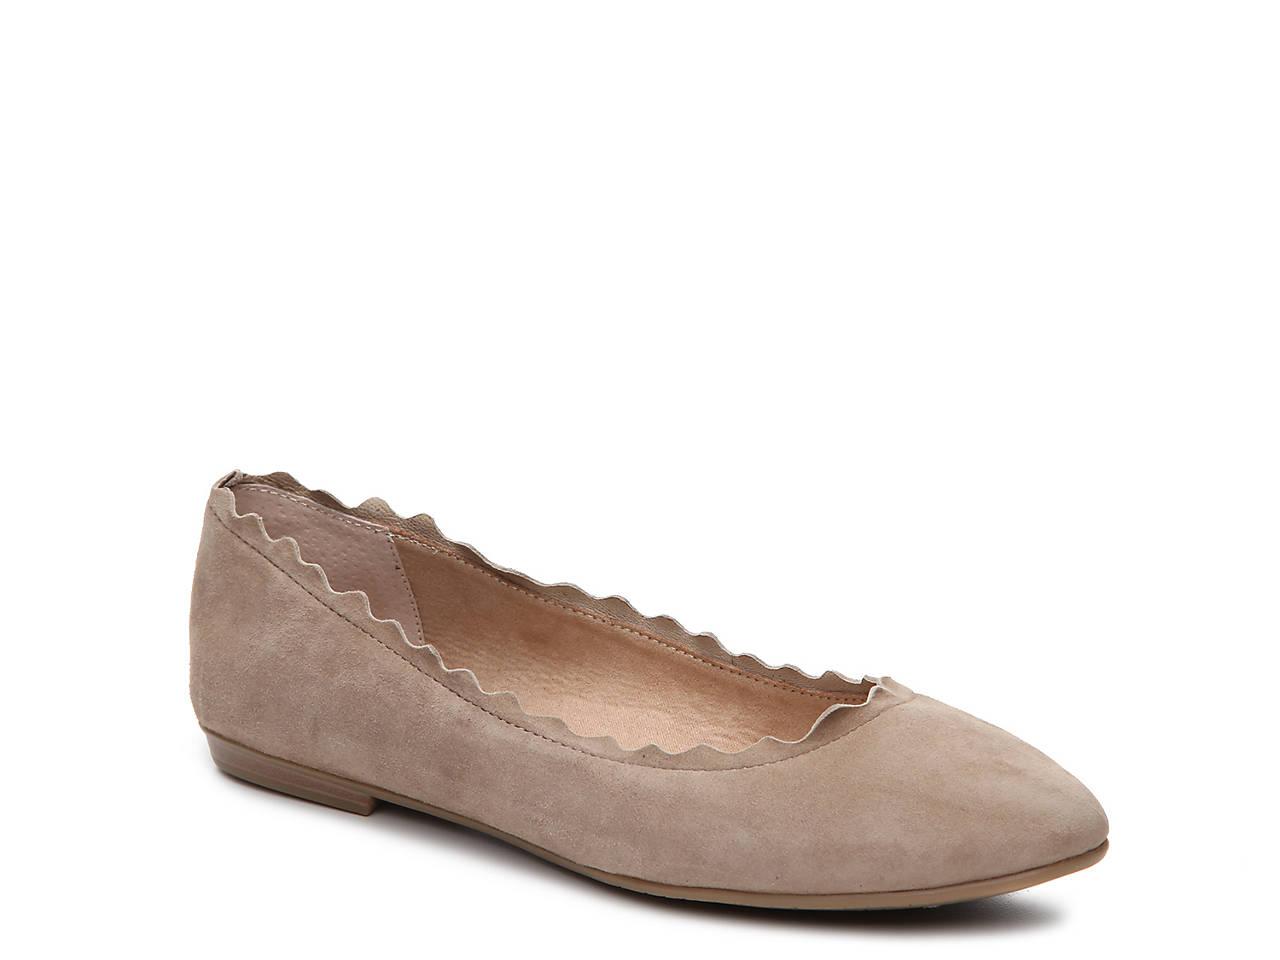 91d63a5bc5 Audrey Brooke Winny Ballet Flat Women's Shoes | DSW